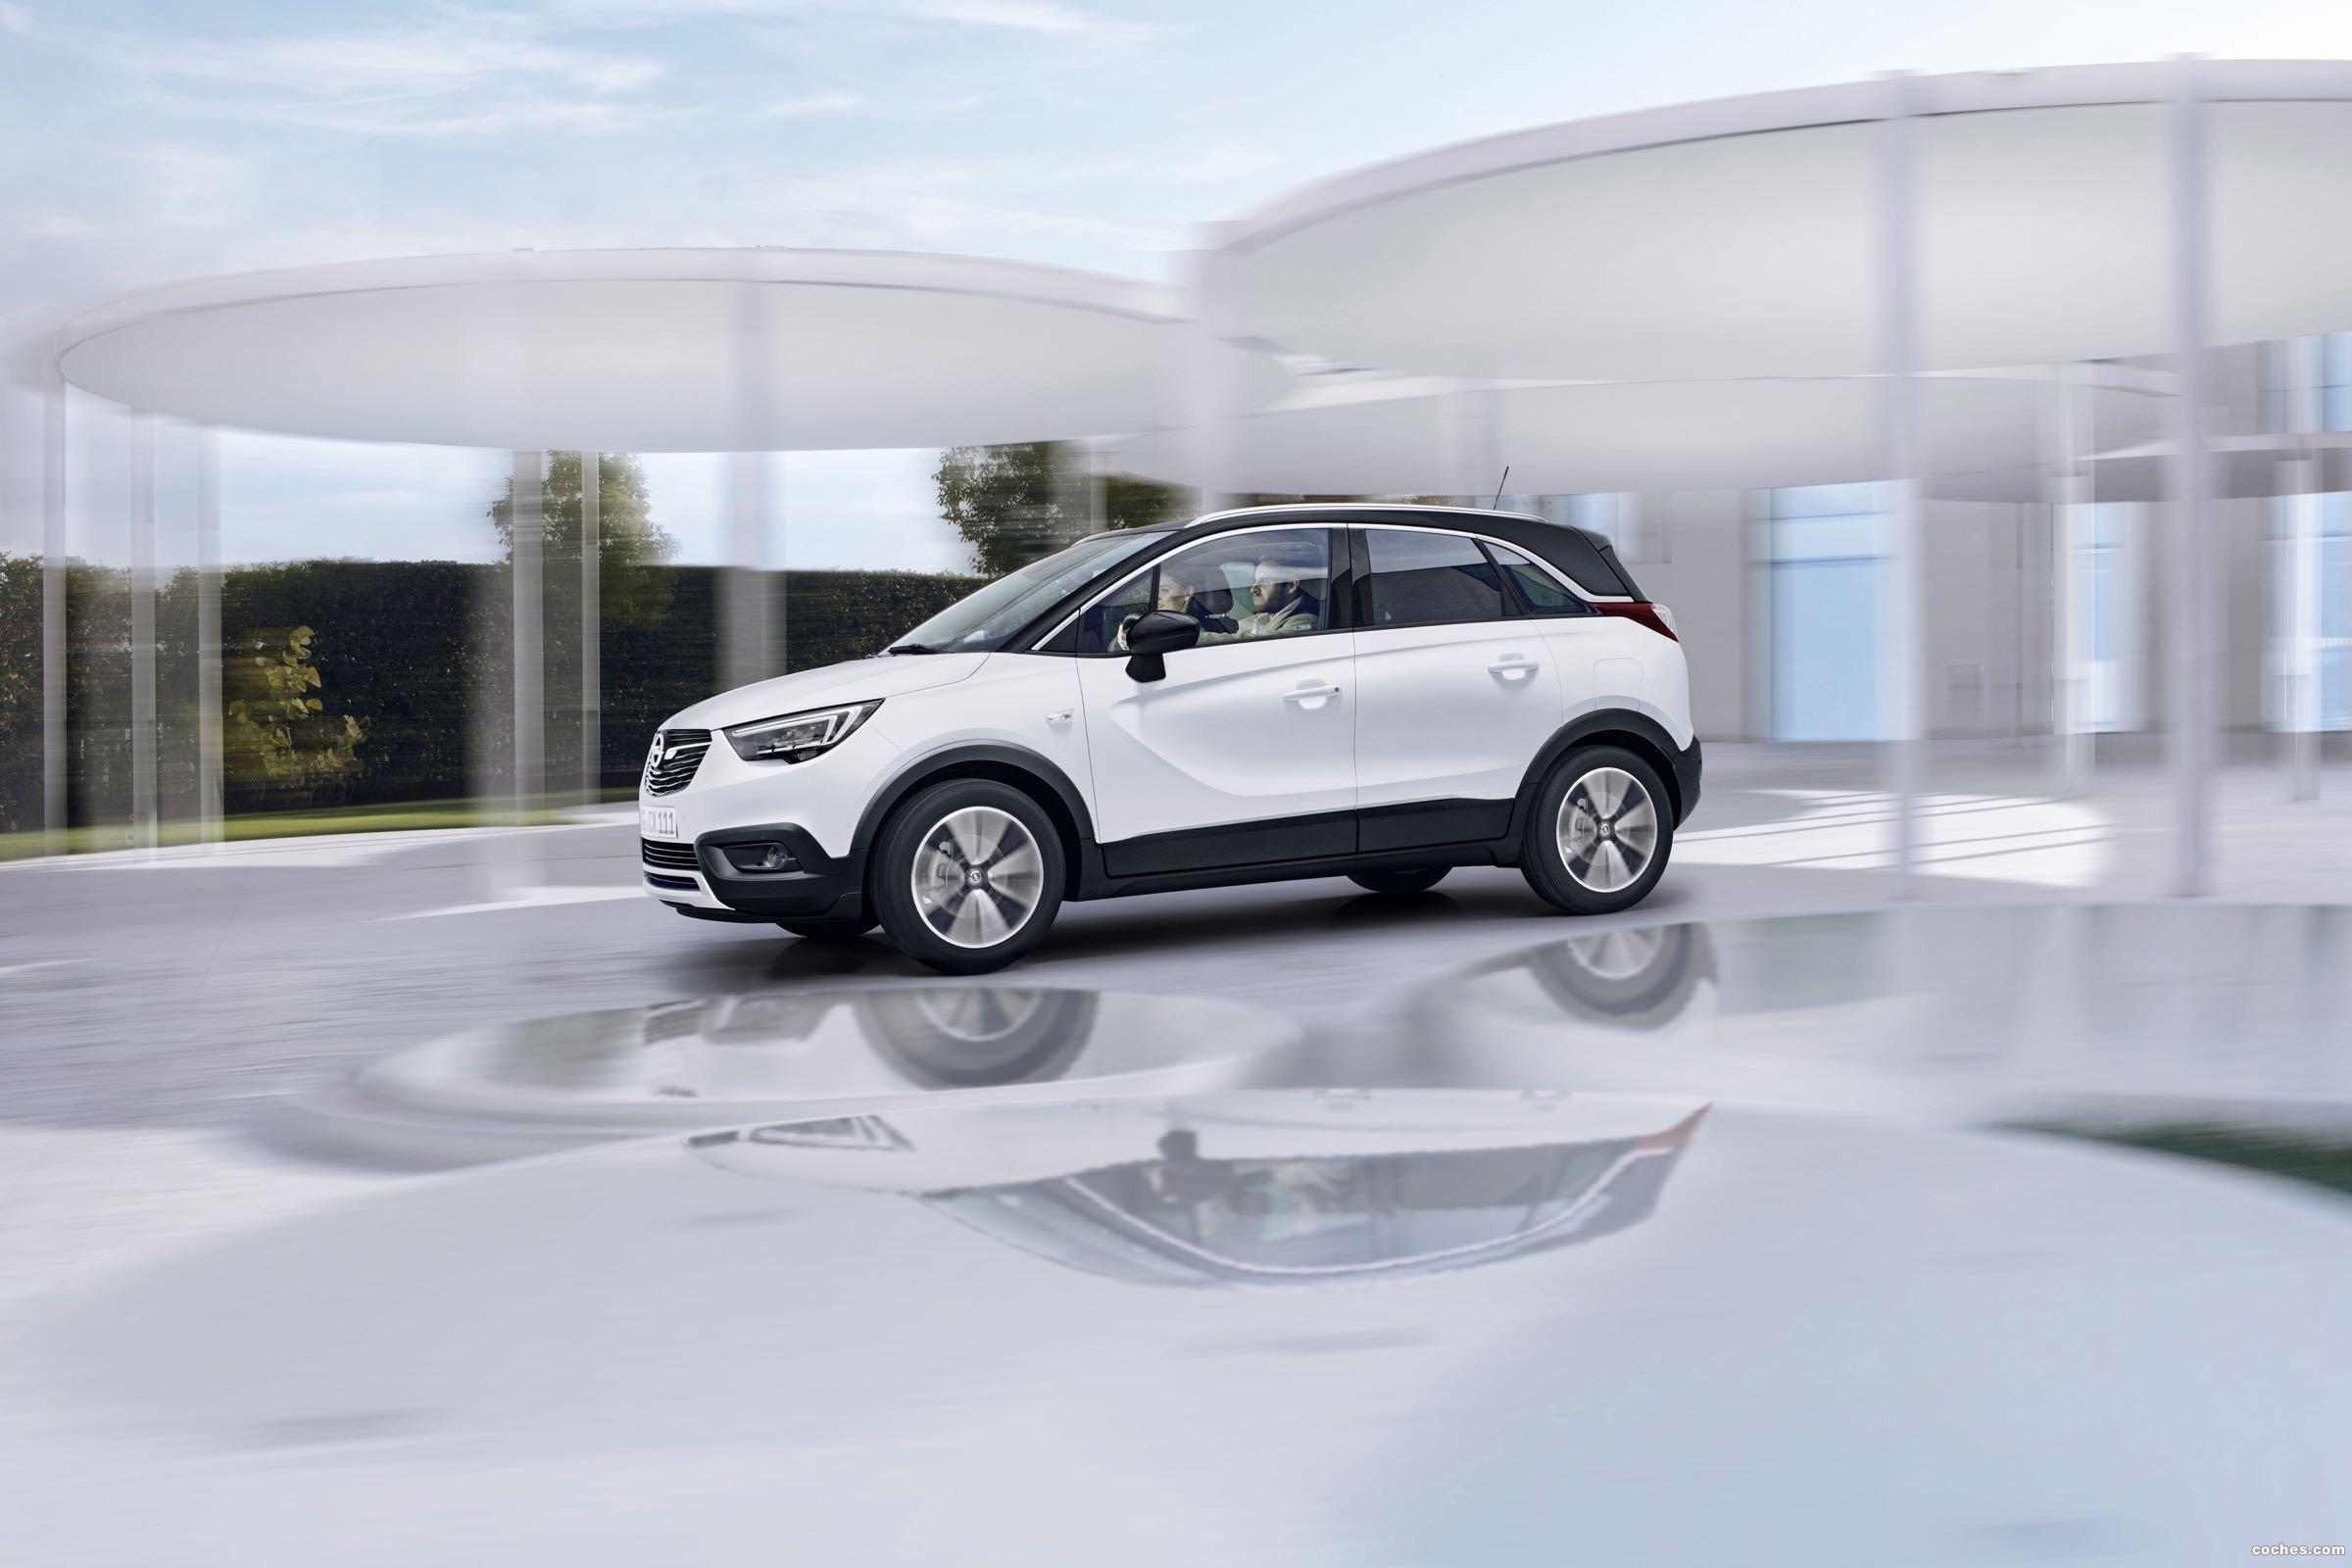 Foto 9 de Opel Crossland X 2017